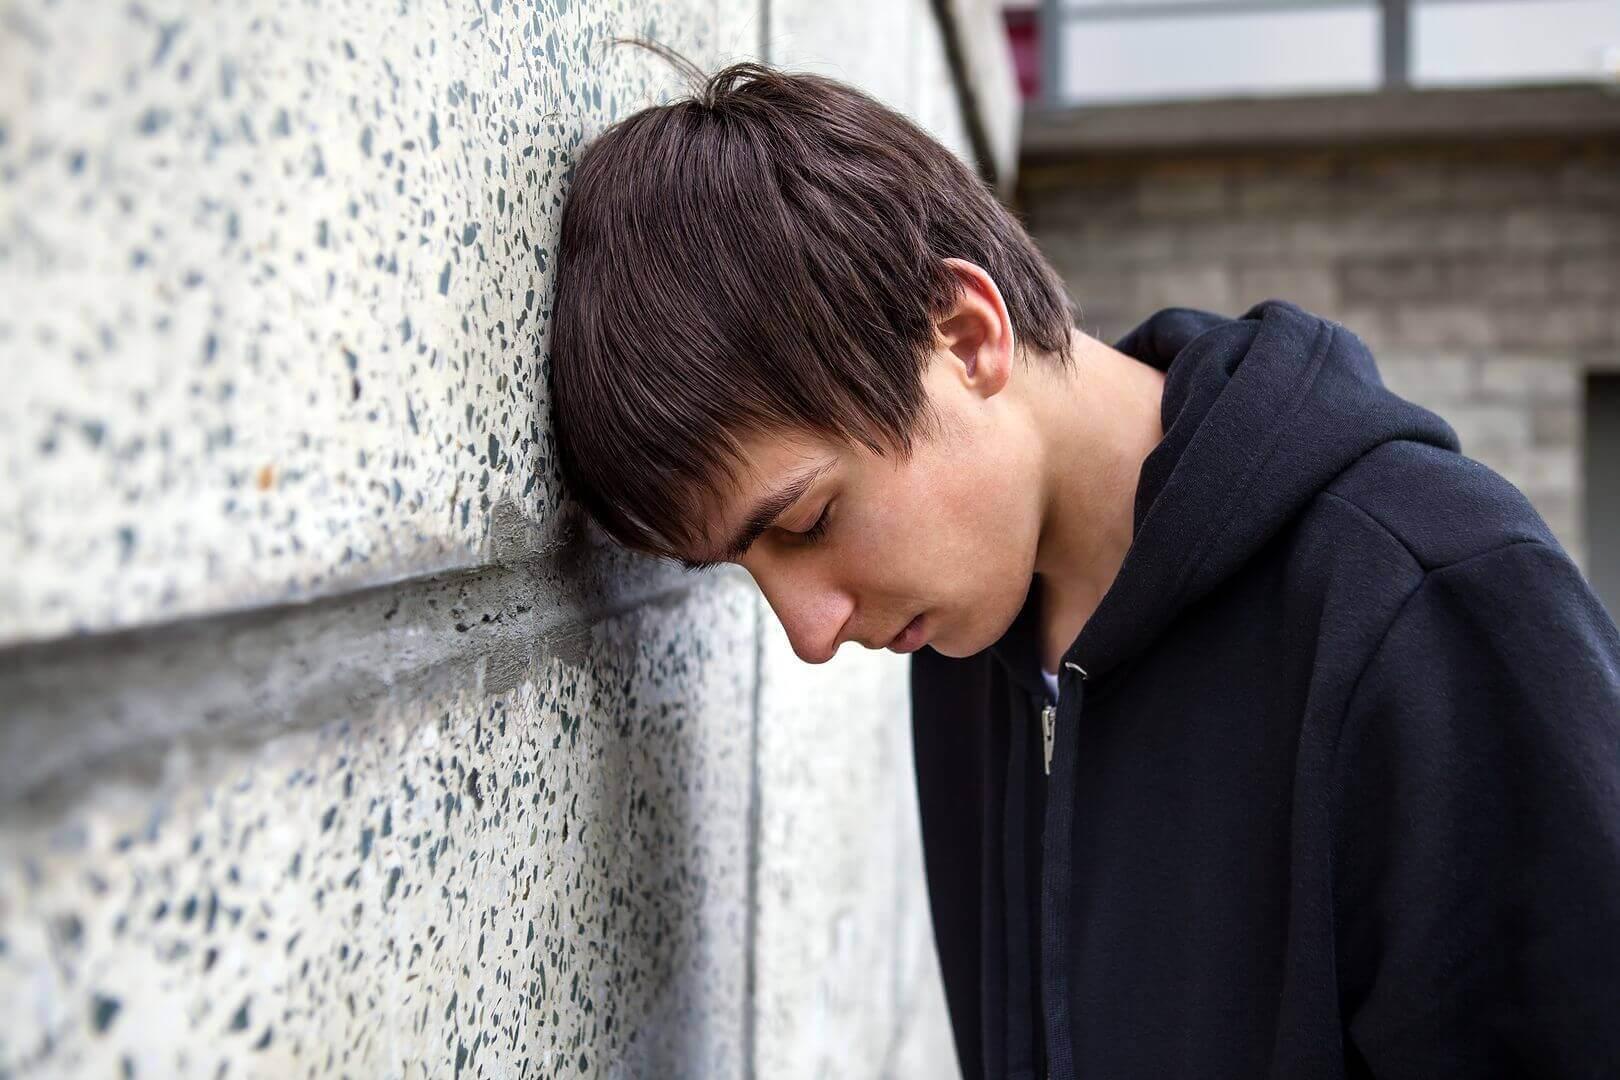 chico triste apoyando cabeza pared